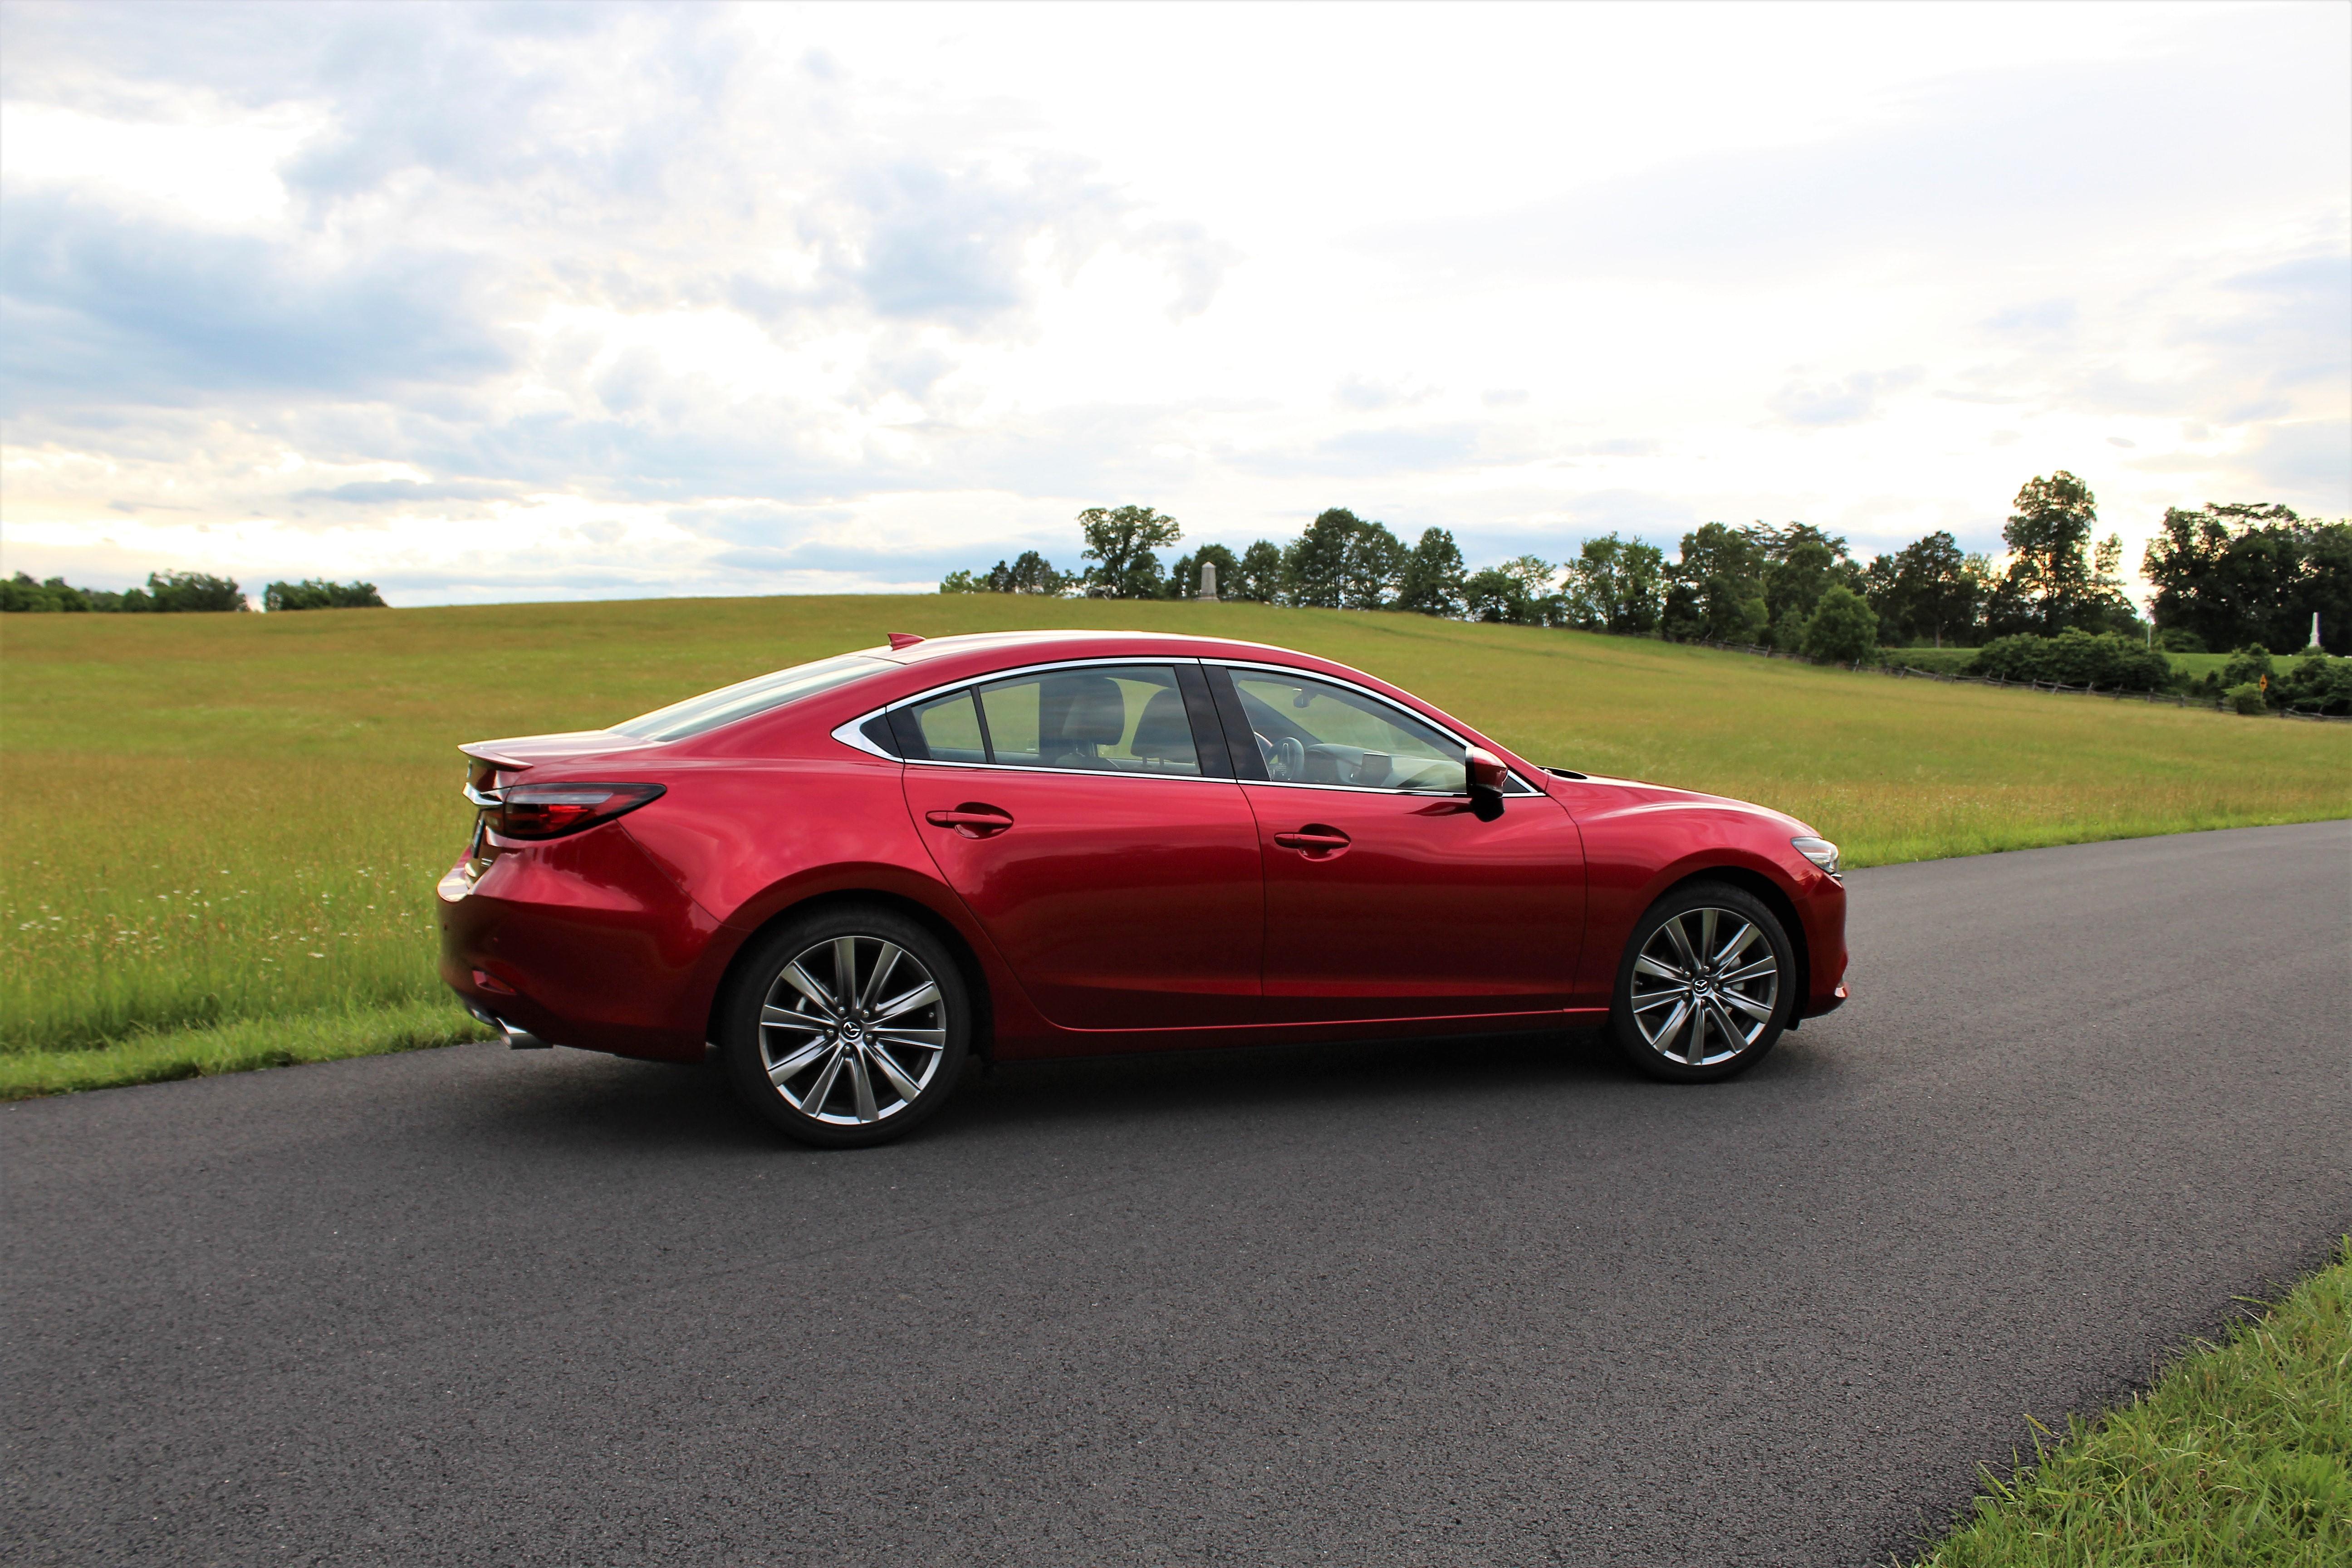 Mazda-6-Profile-Colonial-Roads